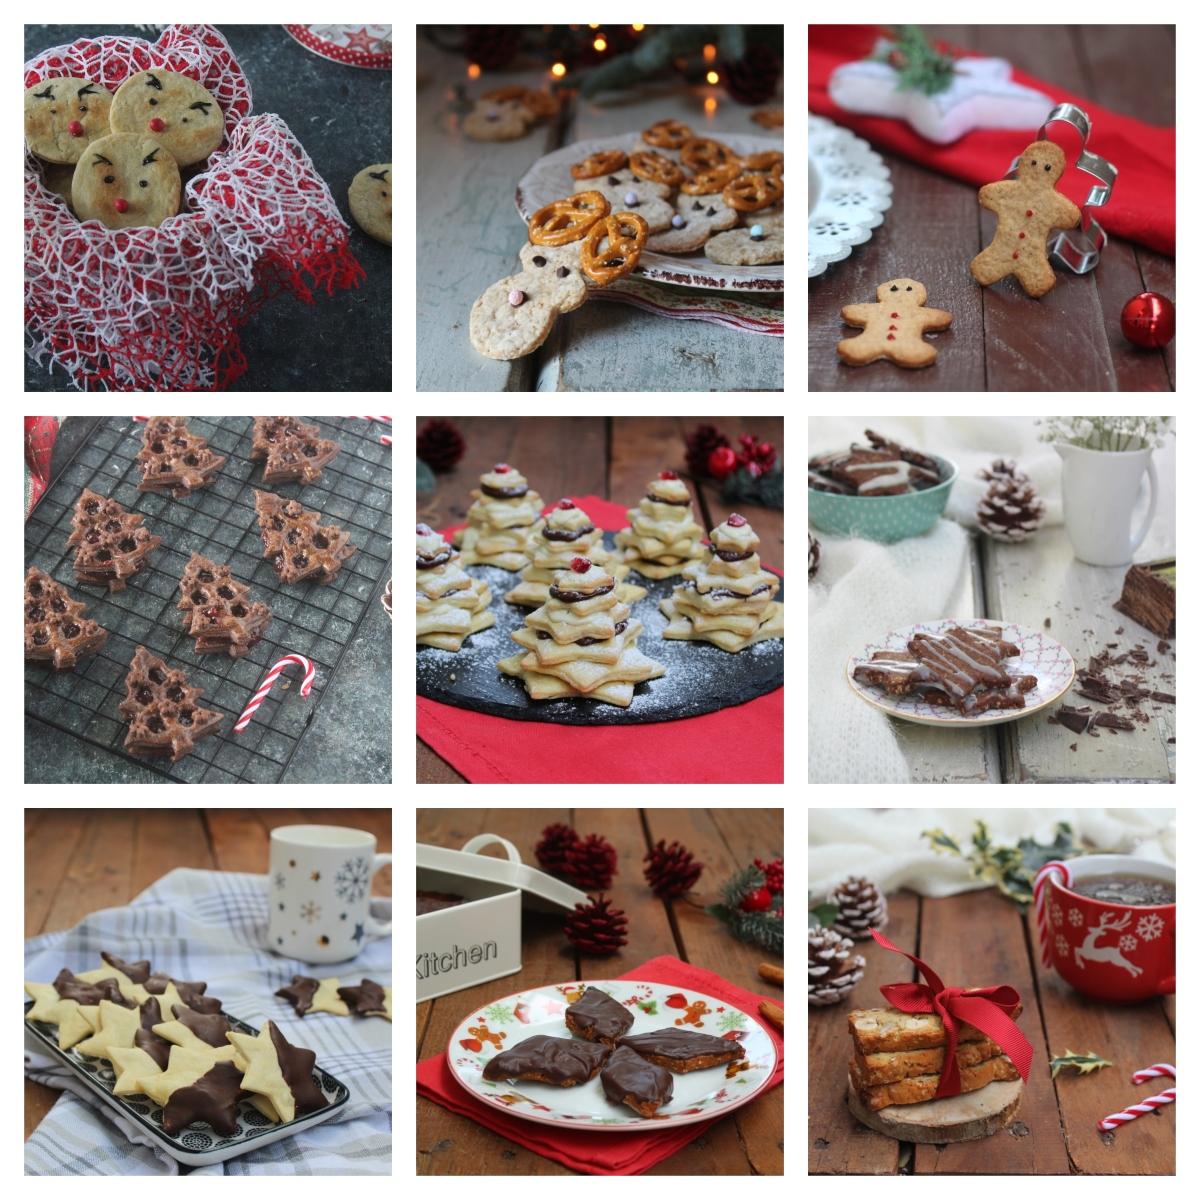 Regalare Biscotti Di Natale.Biscotti Da Regalare A Natale Cibo Che Passione